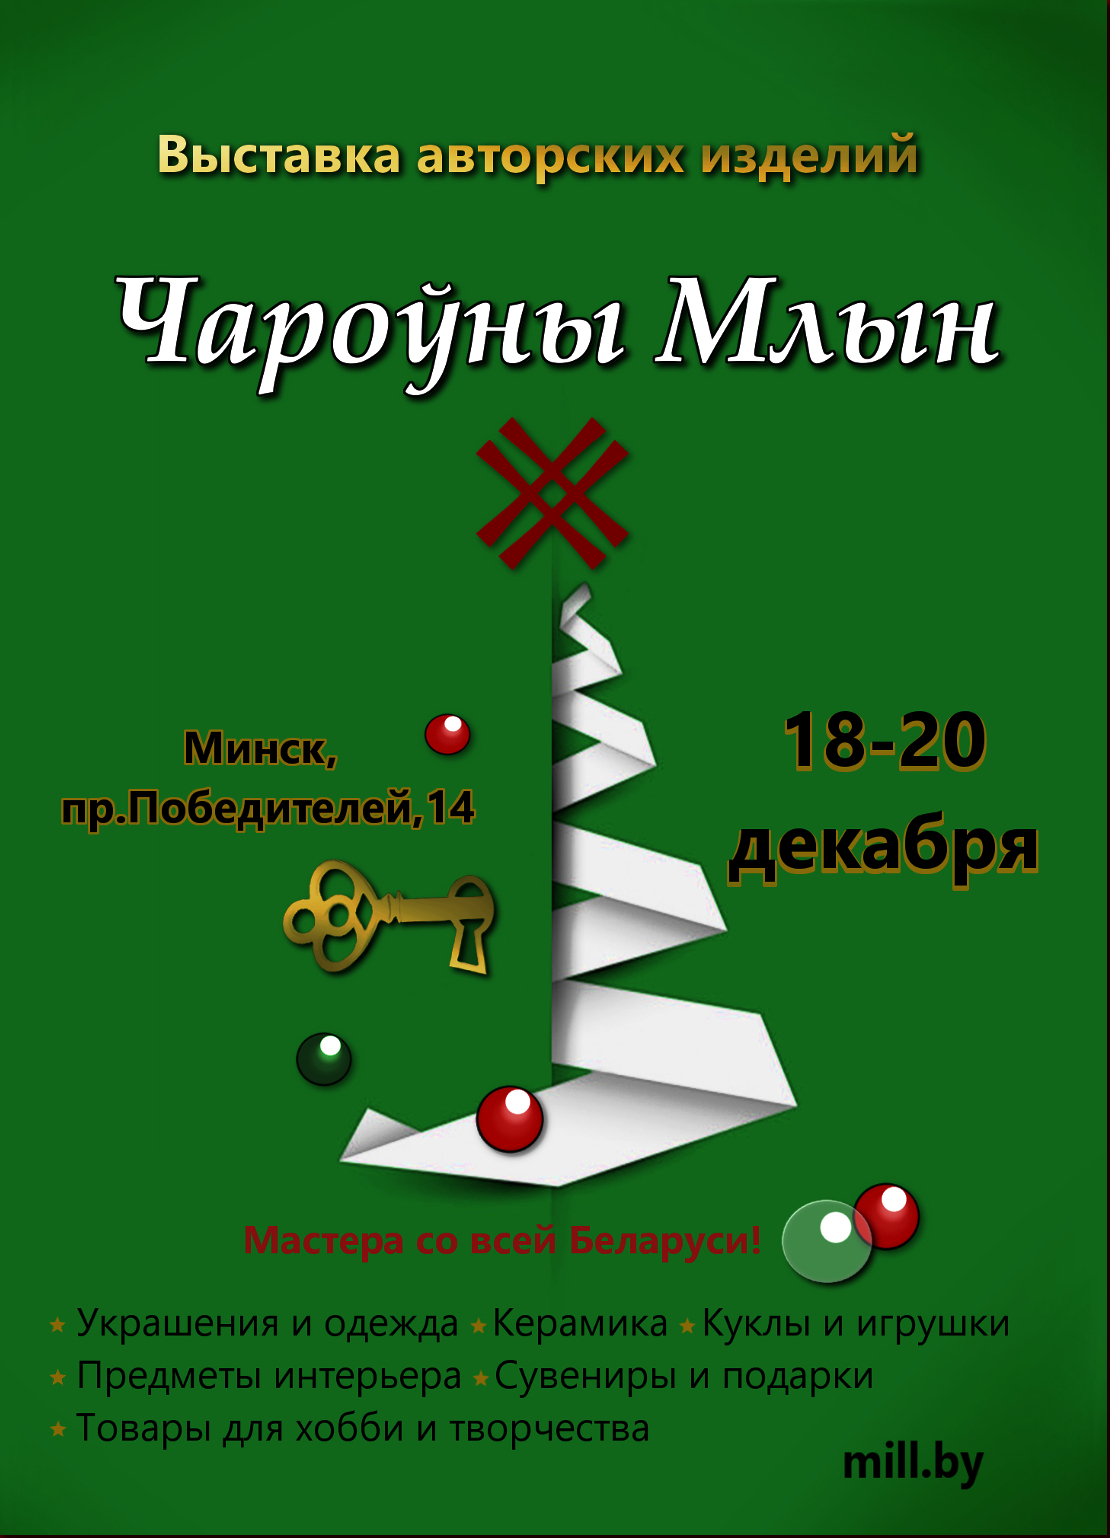 Дизайн новогодней афиши для выставки изделий ручной работы фото f_8275f88efff9b040.jpg